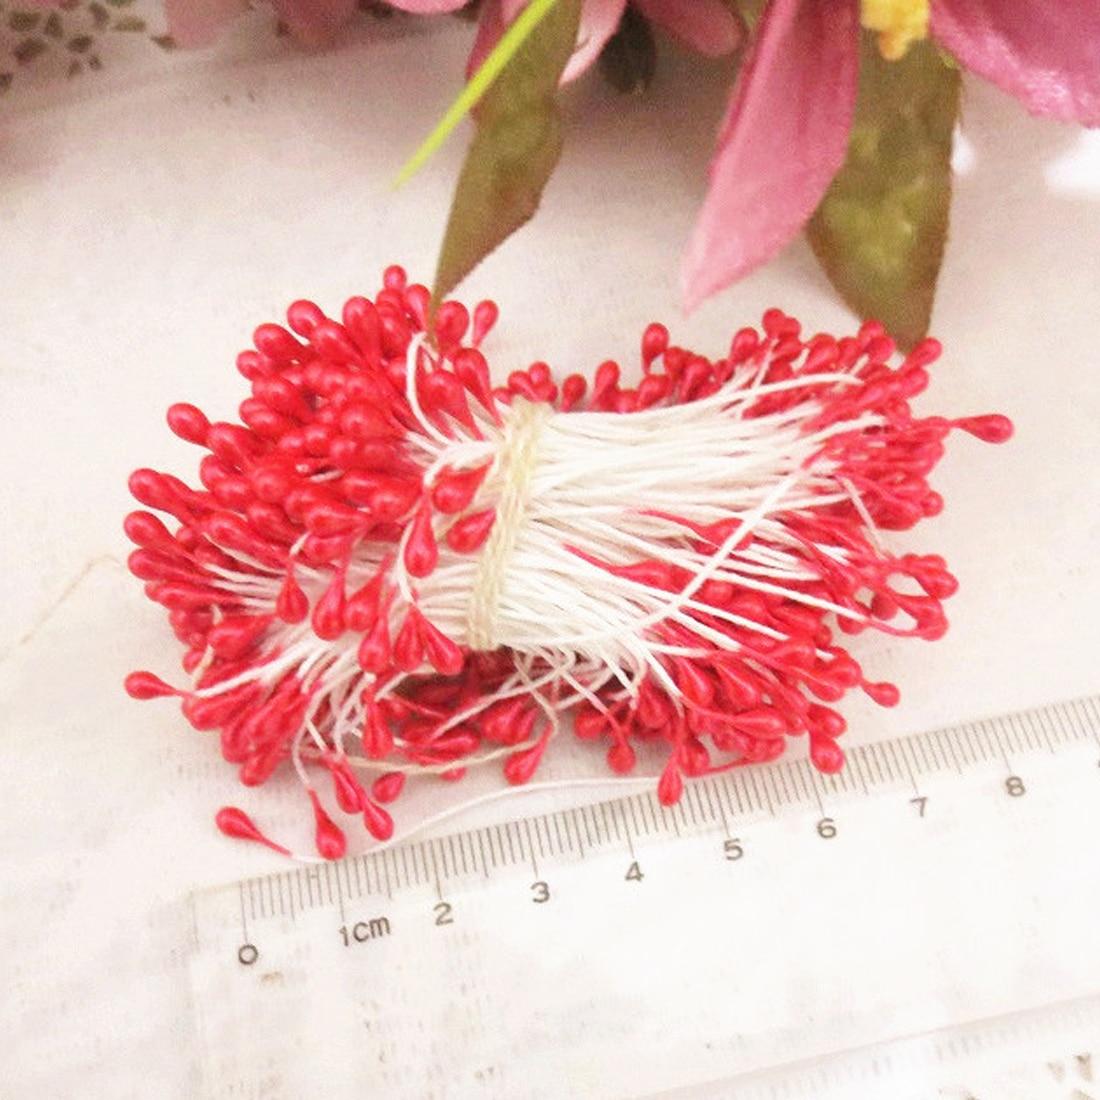 Шт. 1 комплект из 150 шт. искусственные растения цветок двойной головок тычинки перламутровые рукодельные карточки торты Декор цветочный номер Свадебные УКР